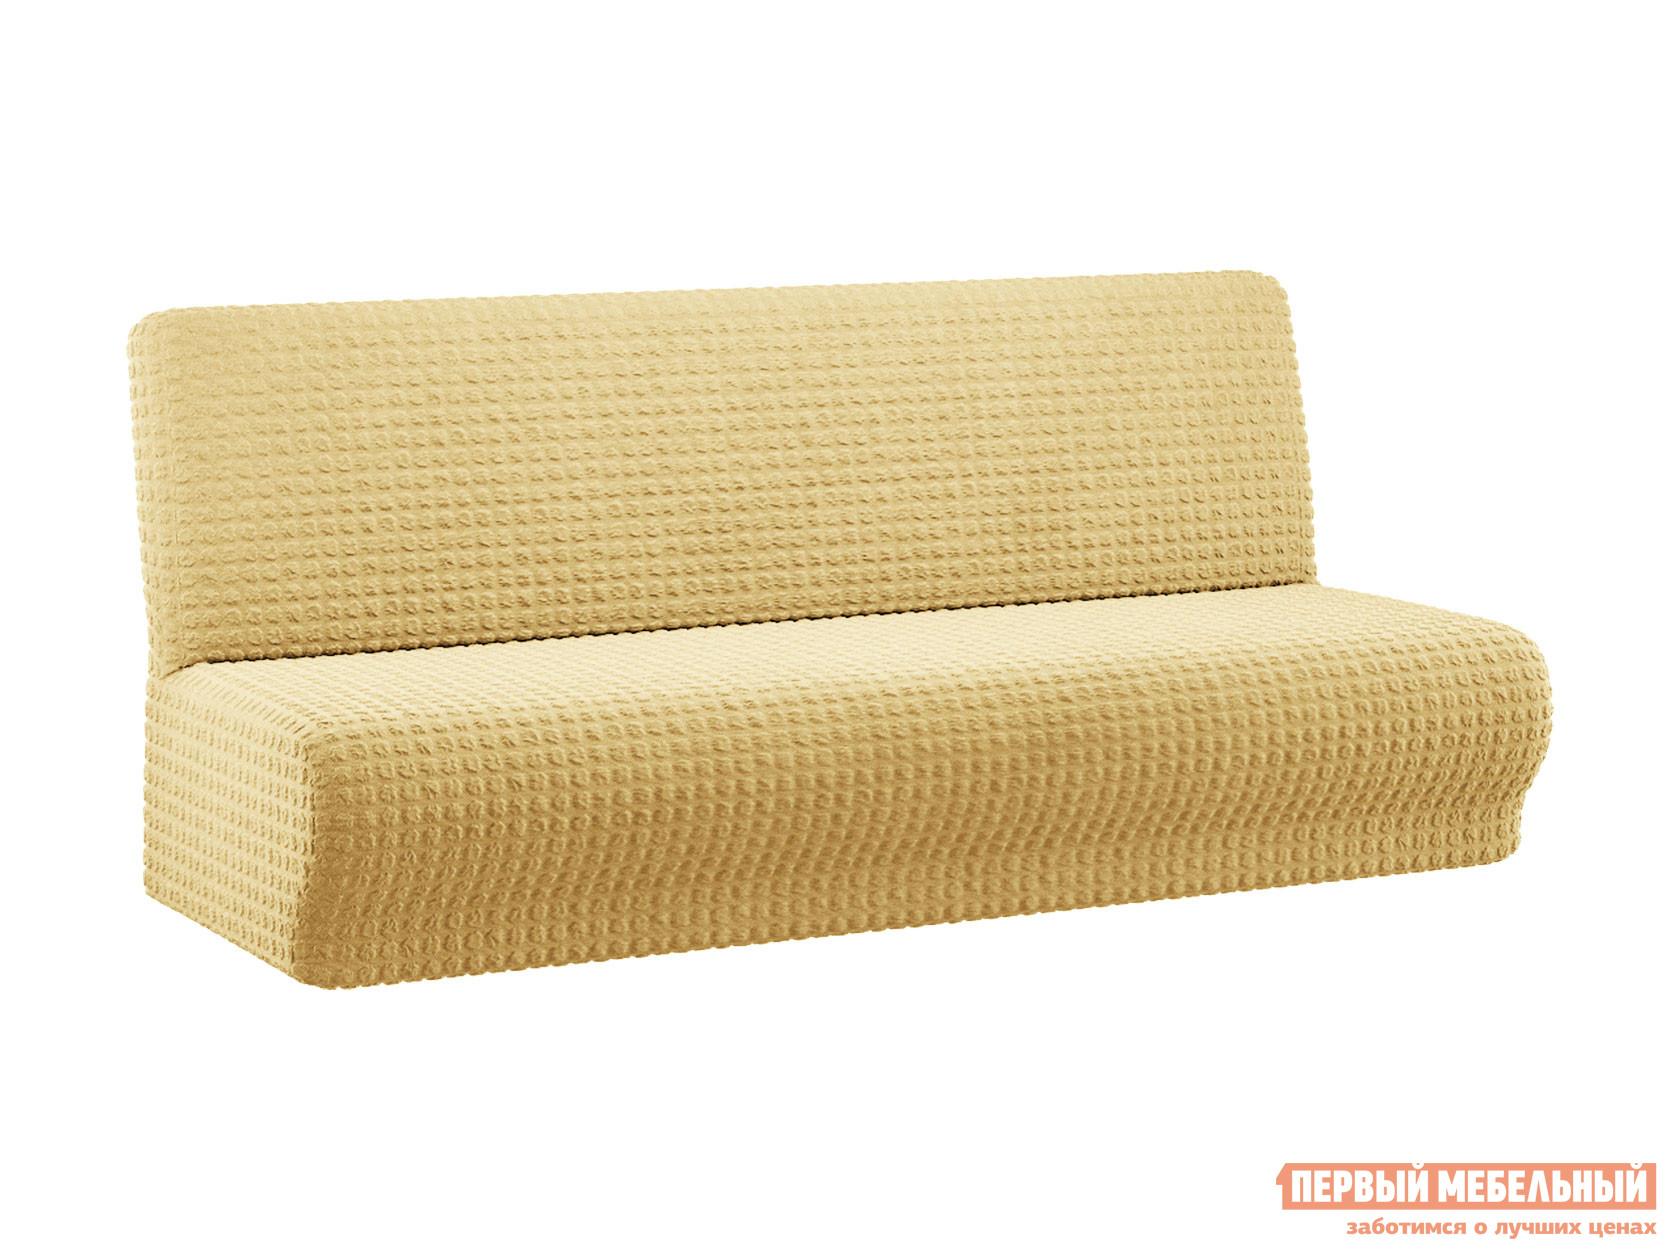 Чехол для трехместного дивана Первый Мебельный Чехол на трехместный диван без подлокотников жатка